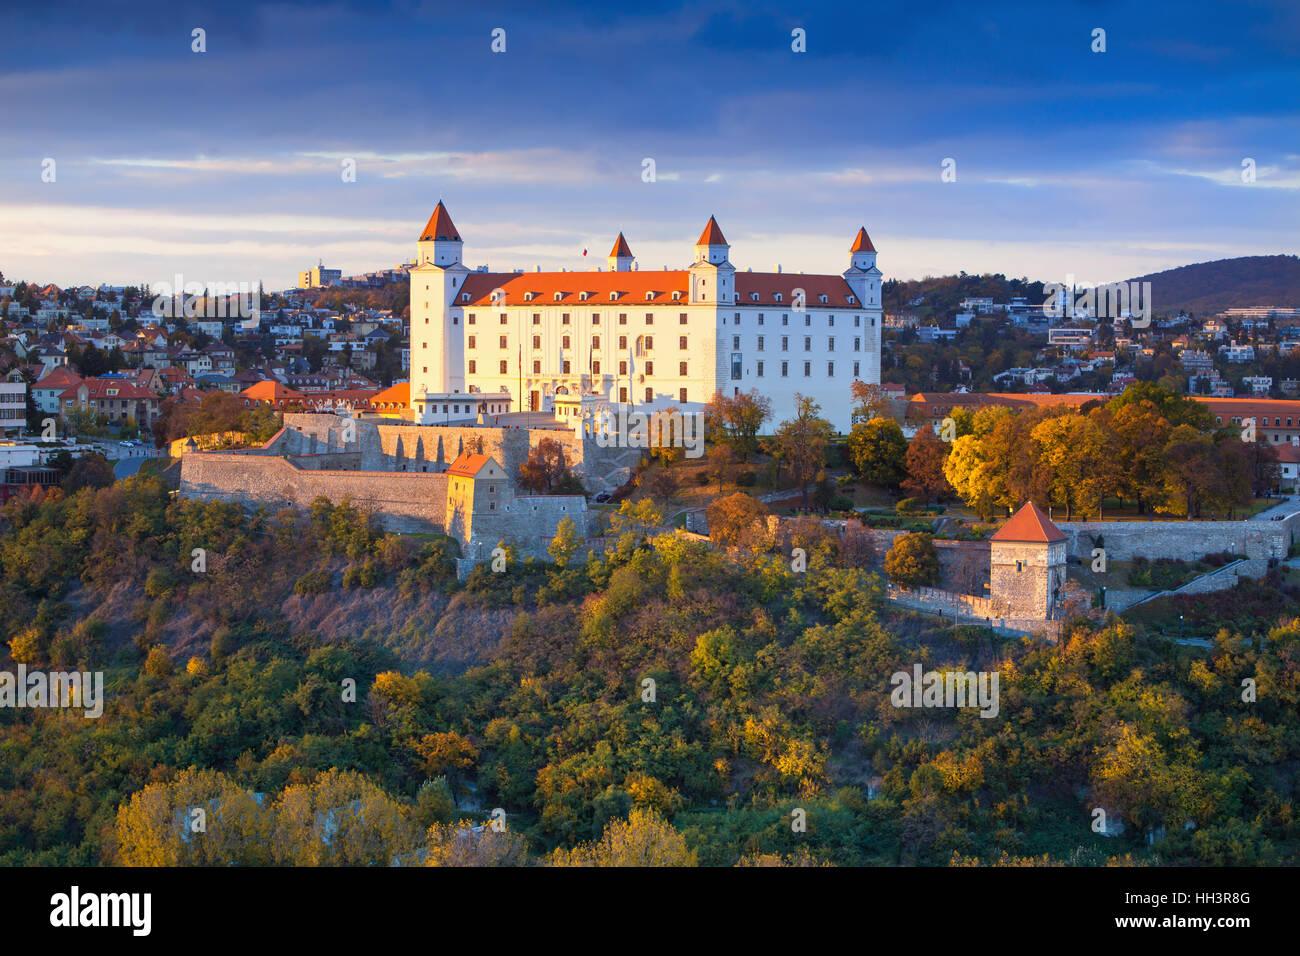 Bratislava castle over Danube river at sunset,Bratislava,Slovakia - Stock Image